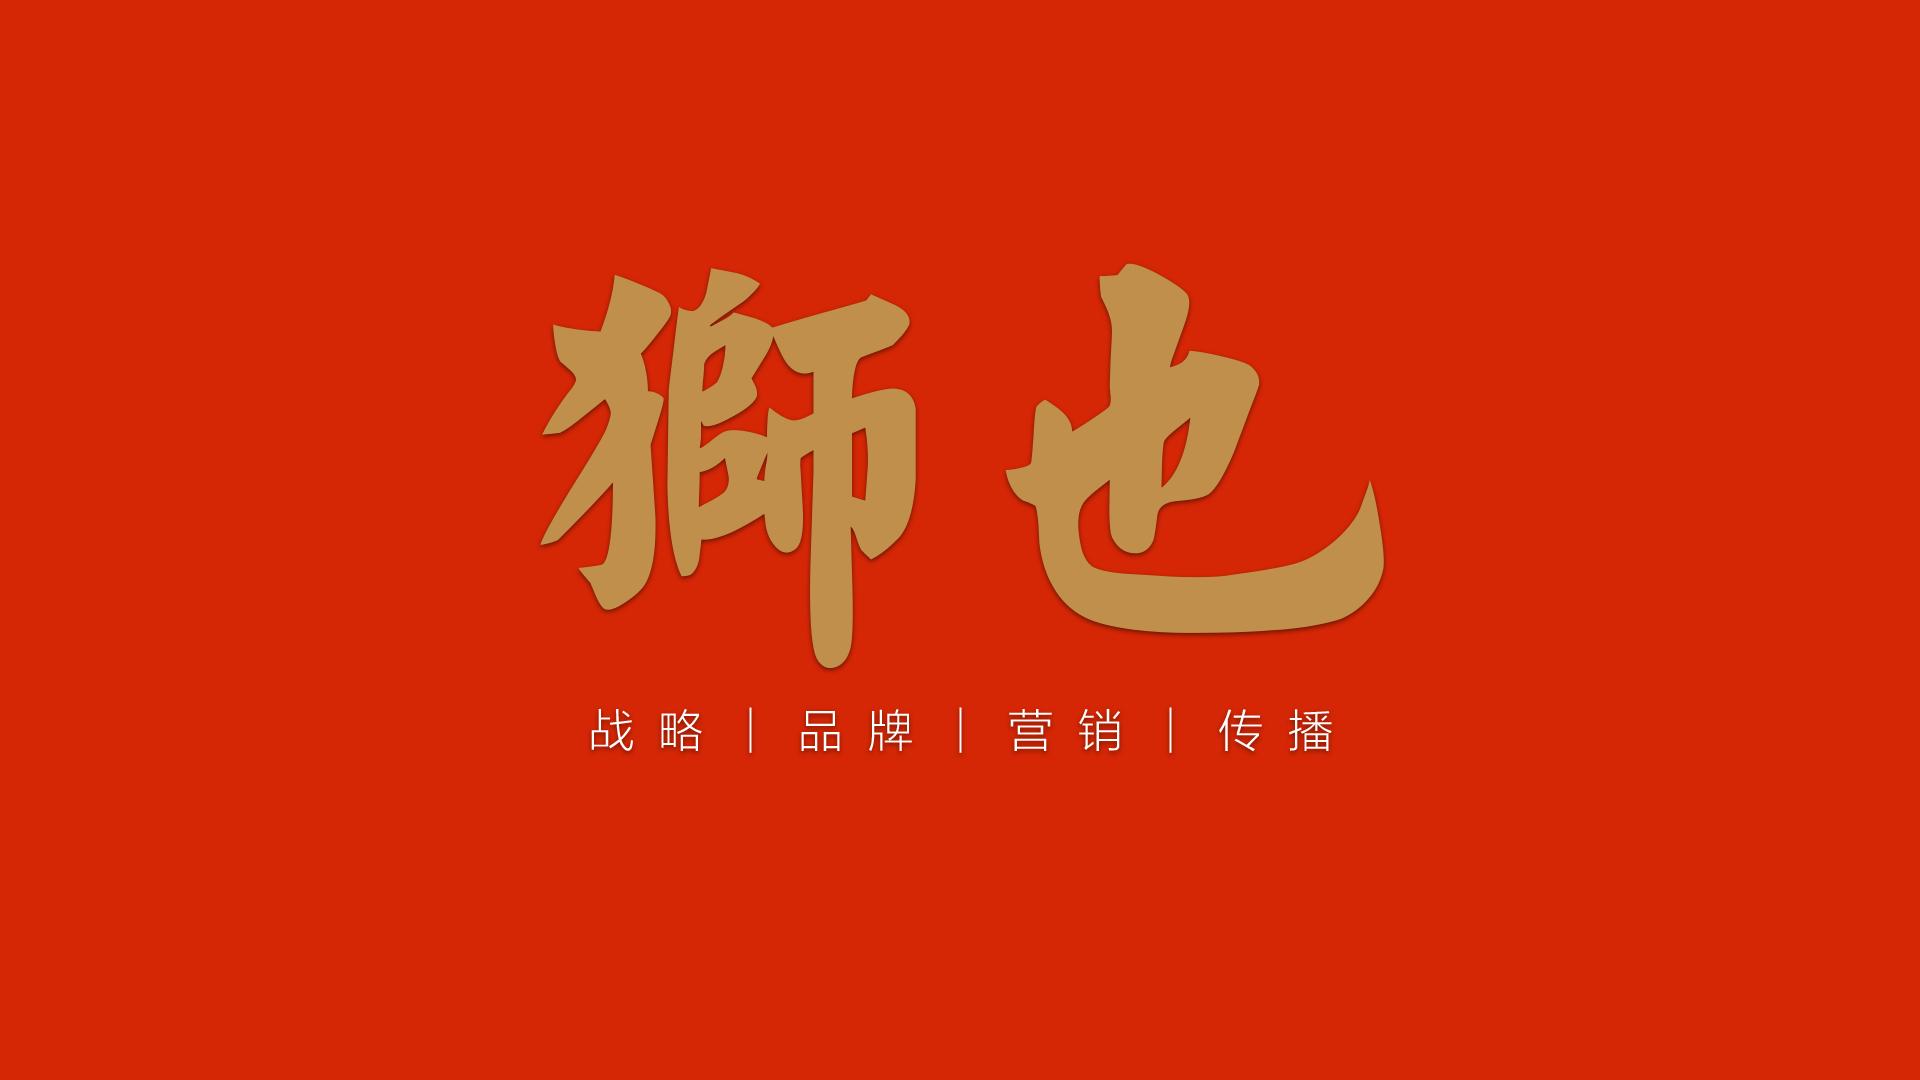 中国品牌成世界杯最大金主 国双数据助力品牌营销策略